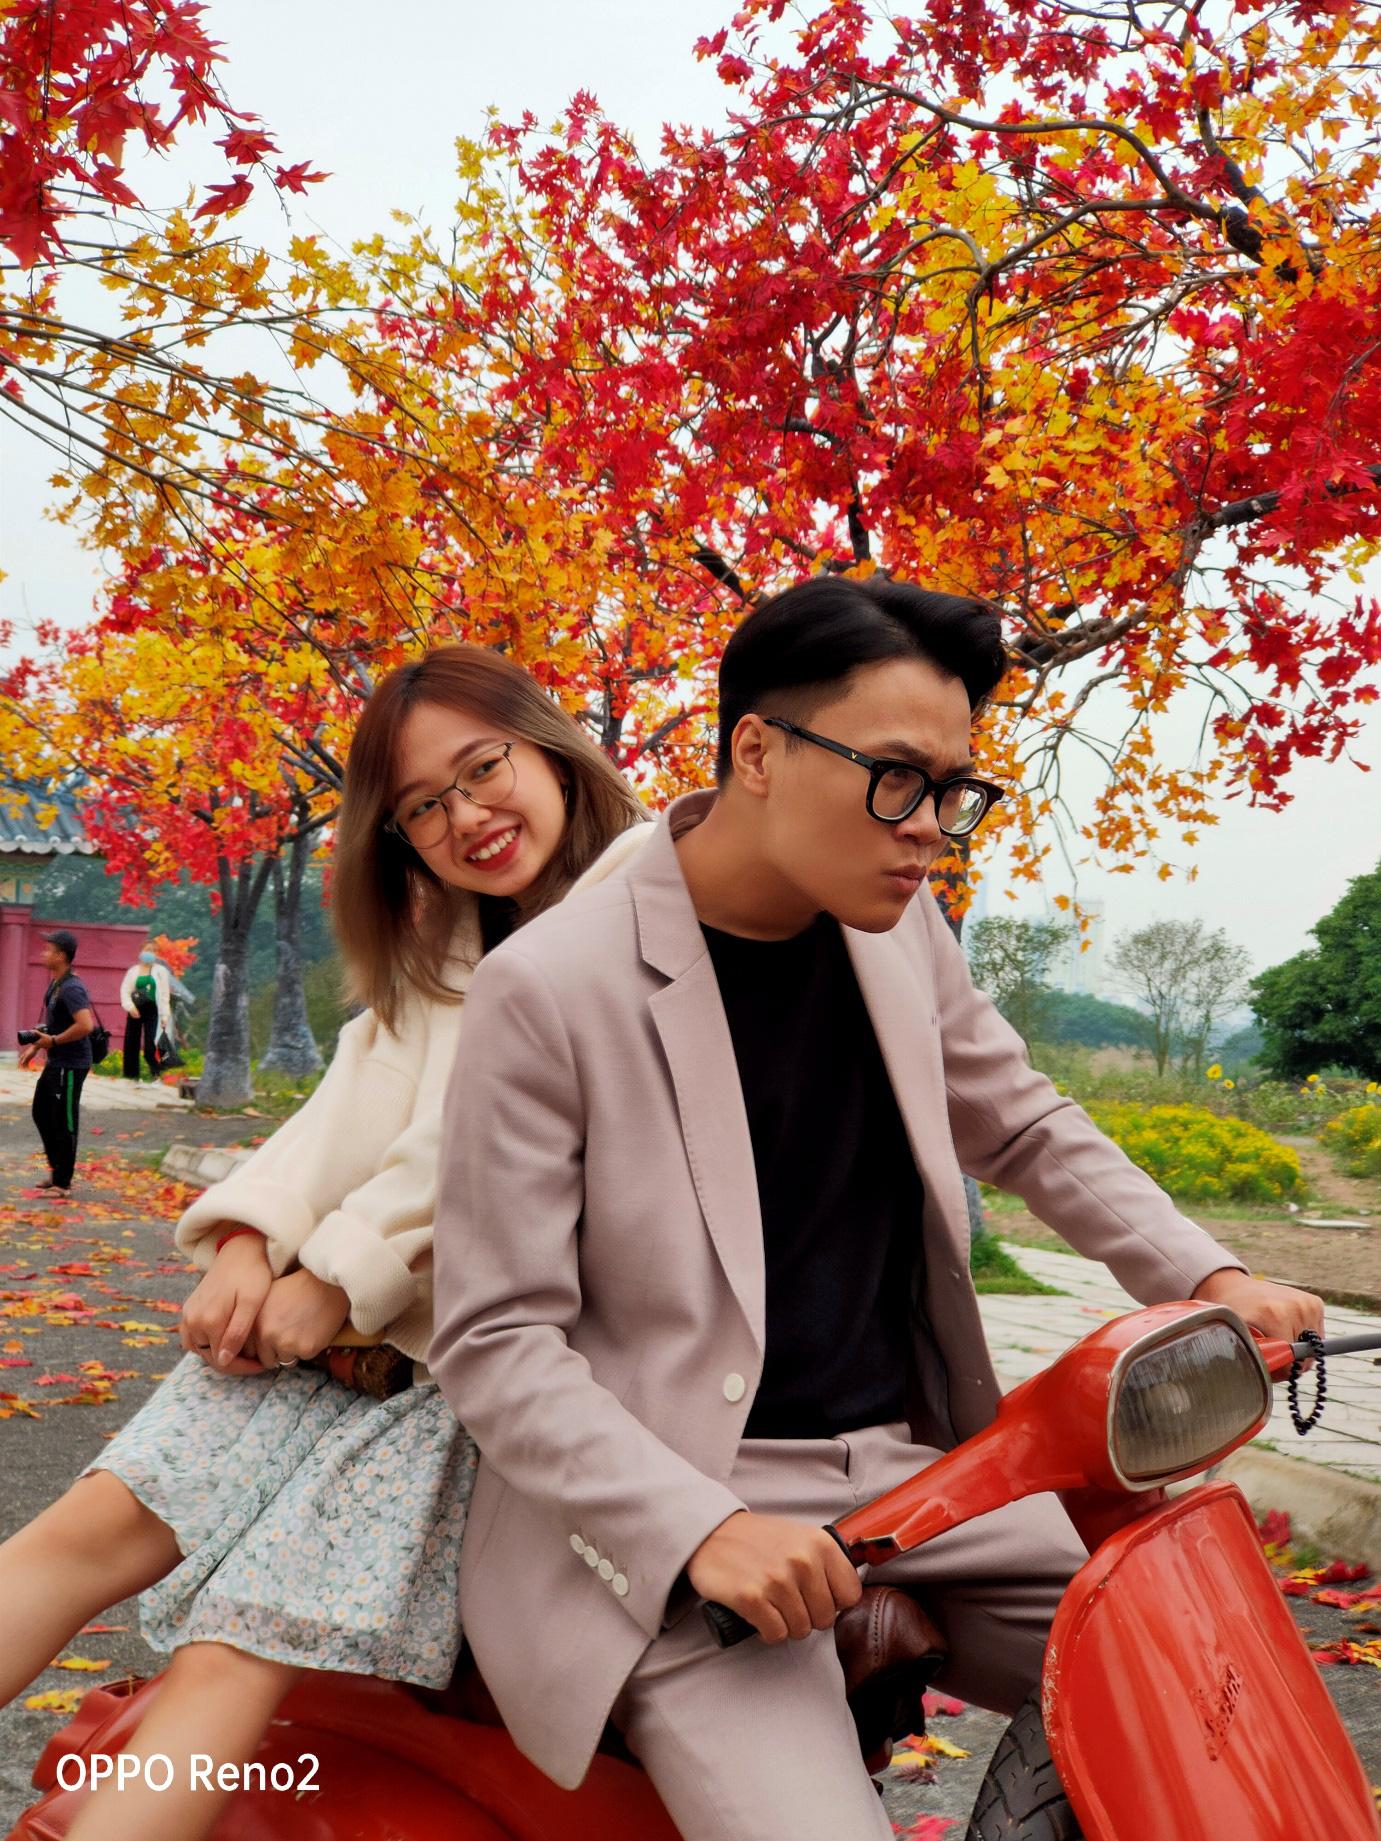 Đi Nhật, Hàn làm gì cho xa khi ở Hà Nội cũng có cảnh lá vàng đẹp đến nao lòng - Ảnh 3.